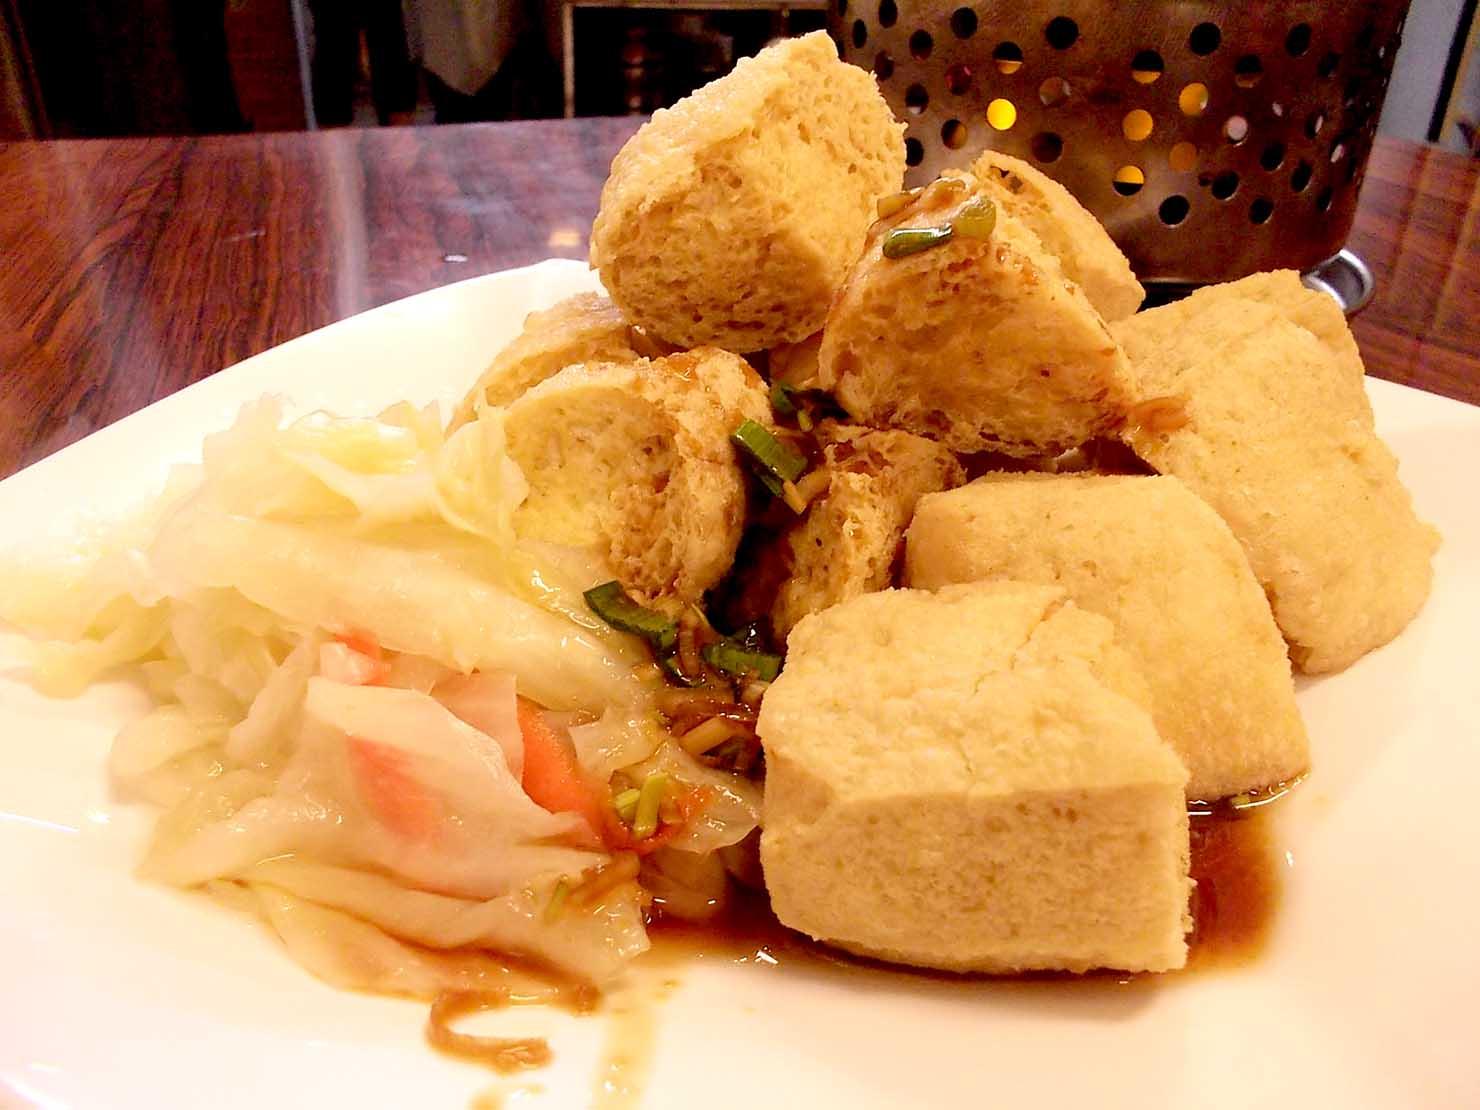 台湾夜市の定番グルメ「臭豆腐」揚げタイプ